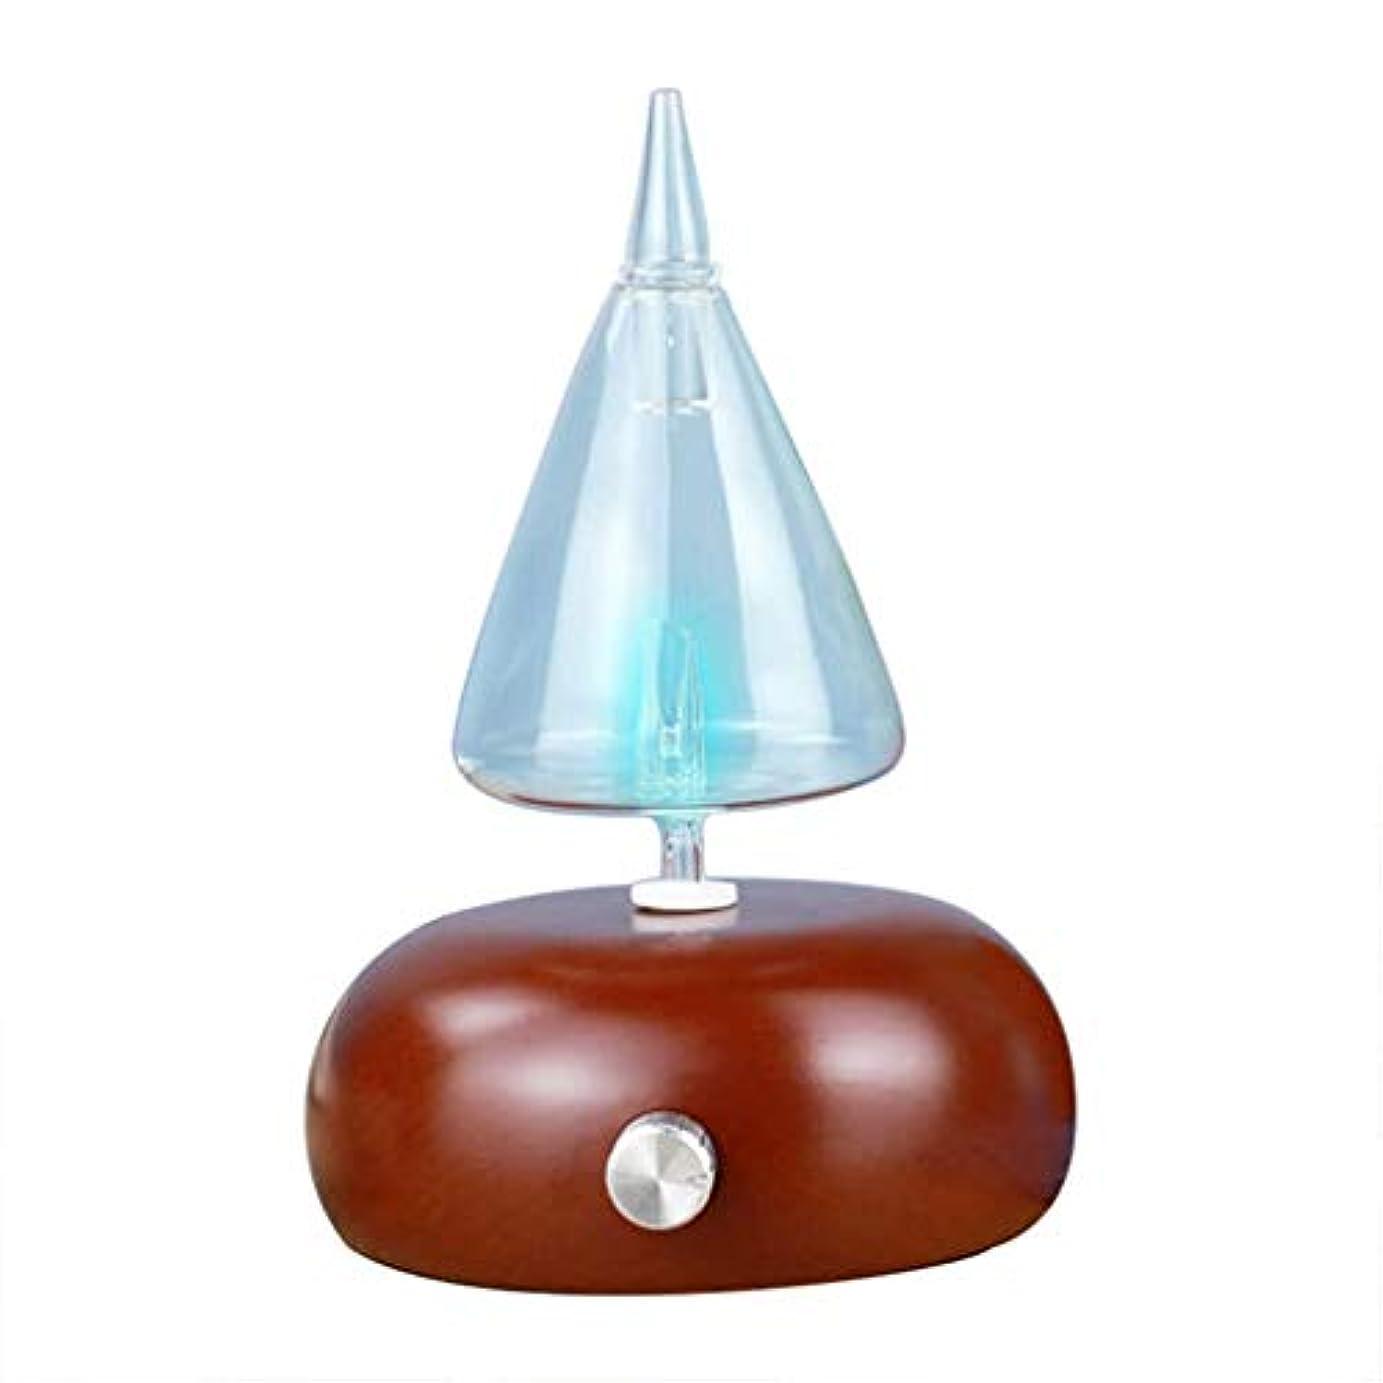 自然好きである終わりアロマテラピーマシン、ガラスエッセンシャルオイルディフューザー、超音波加湿器、ウッドグレインアロマテラピーディフューザーマシン、LEDライトを変える7色